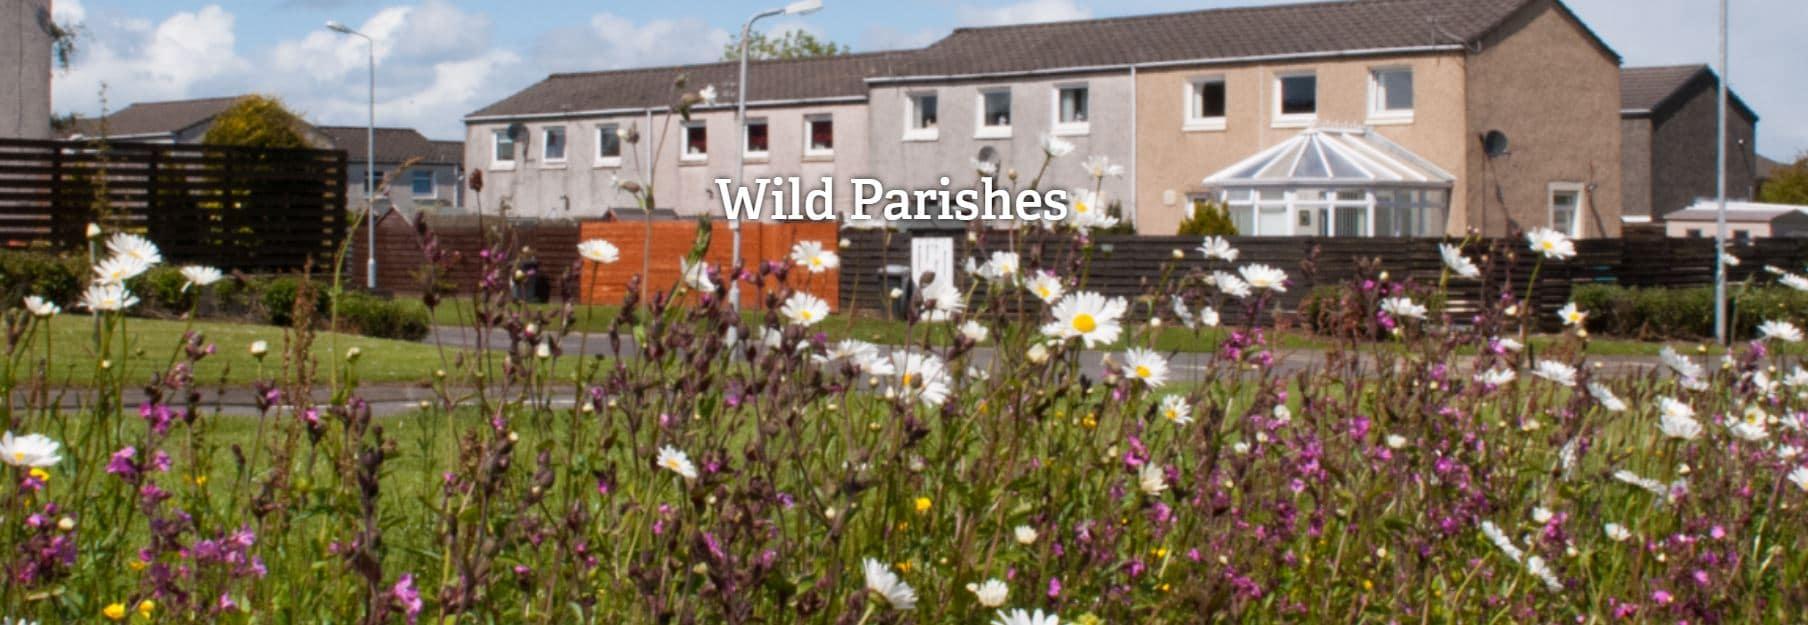 BBOWT Wild Parishes